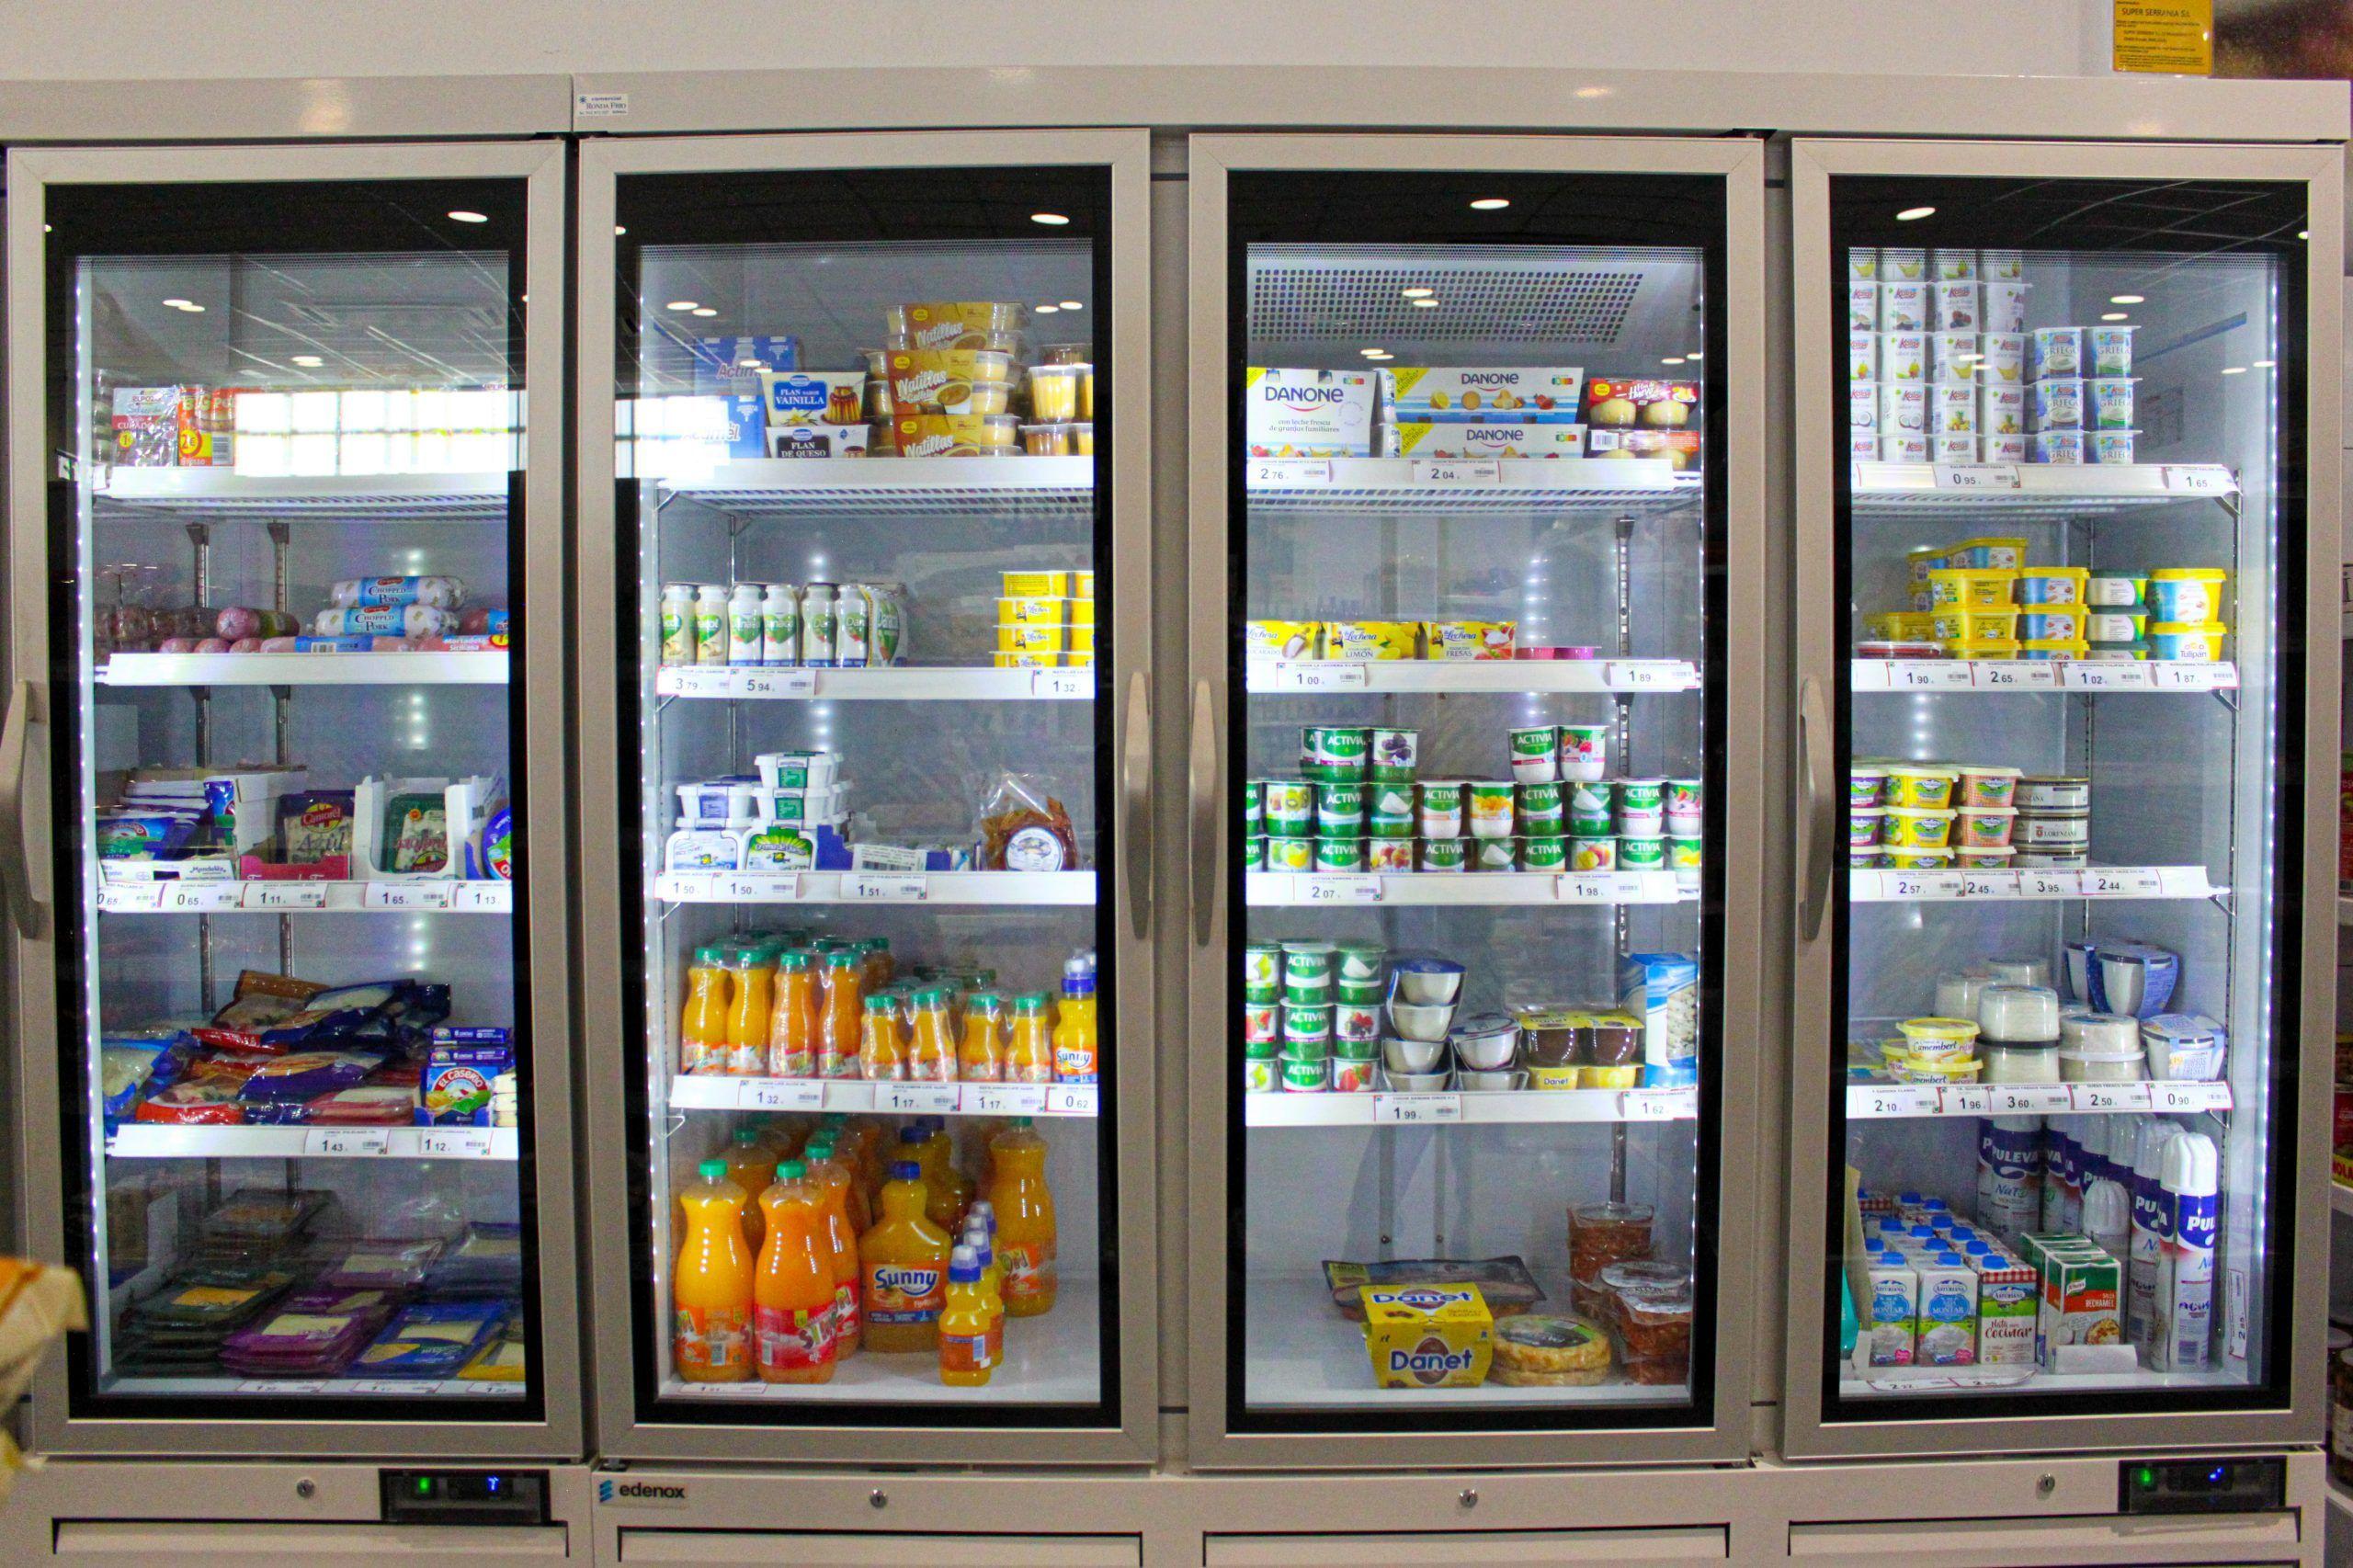 Supermercado KOMO KOMO